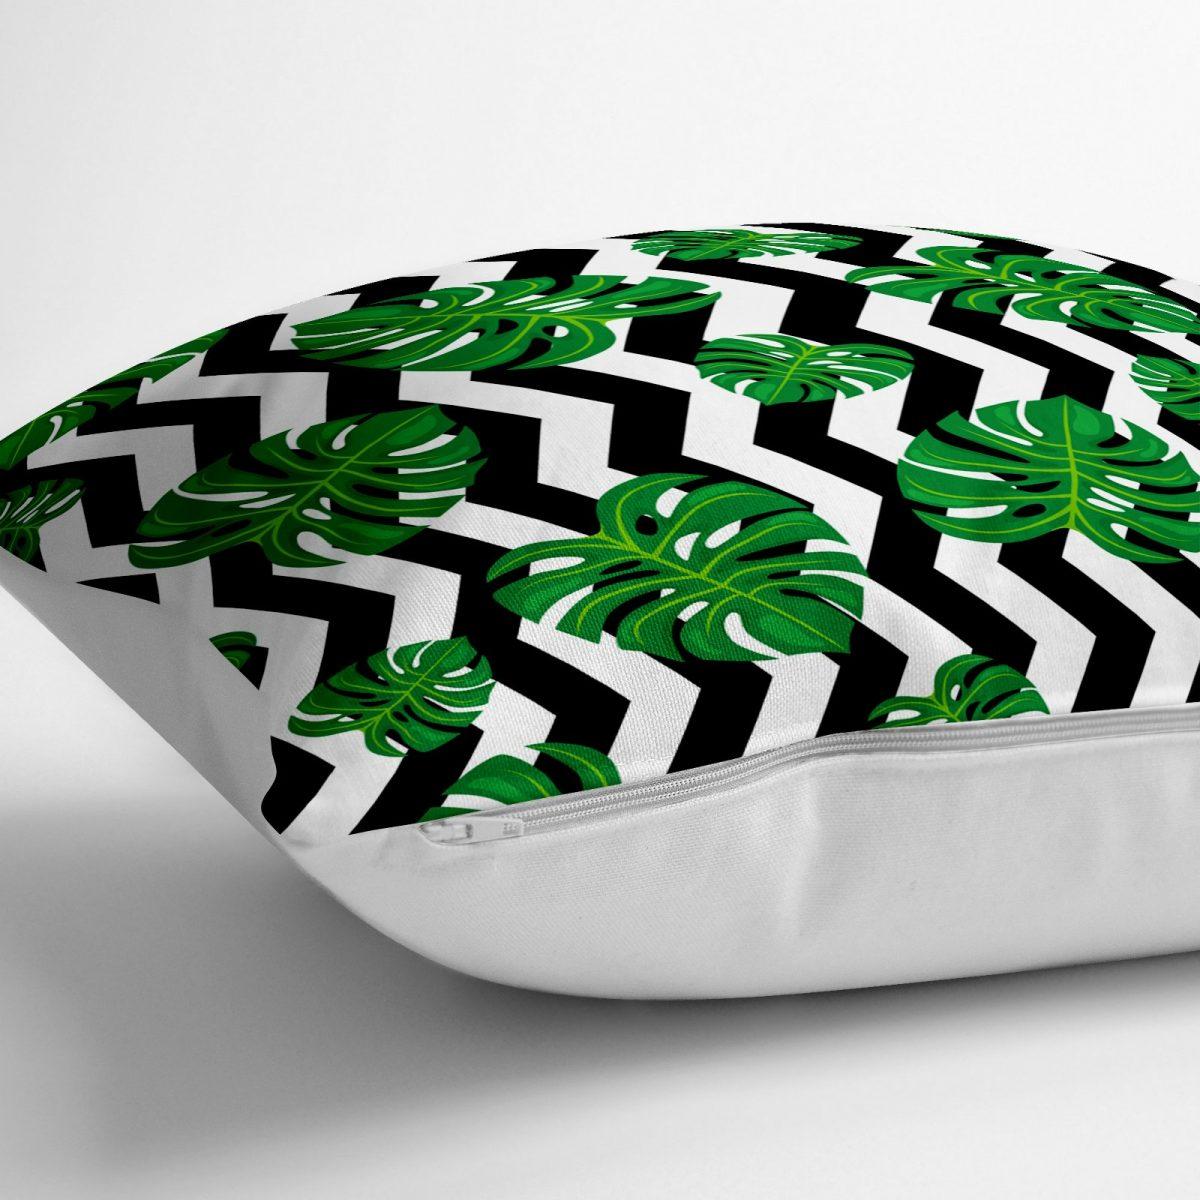 Zigzag Zebra Temalı Yaprak Çizimli Dijital Baskılı Yer Minderi - 70 x 70 cm Realhomes